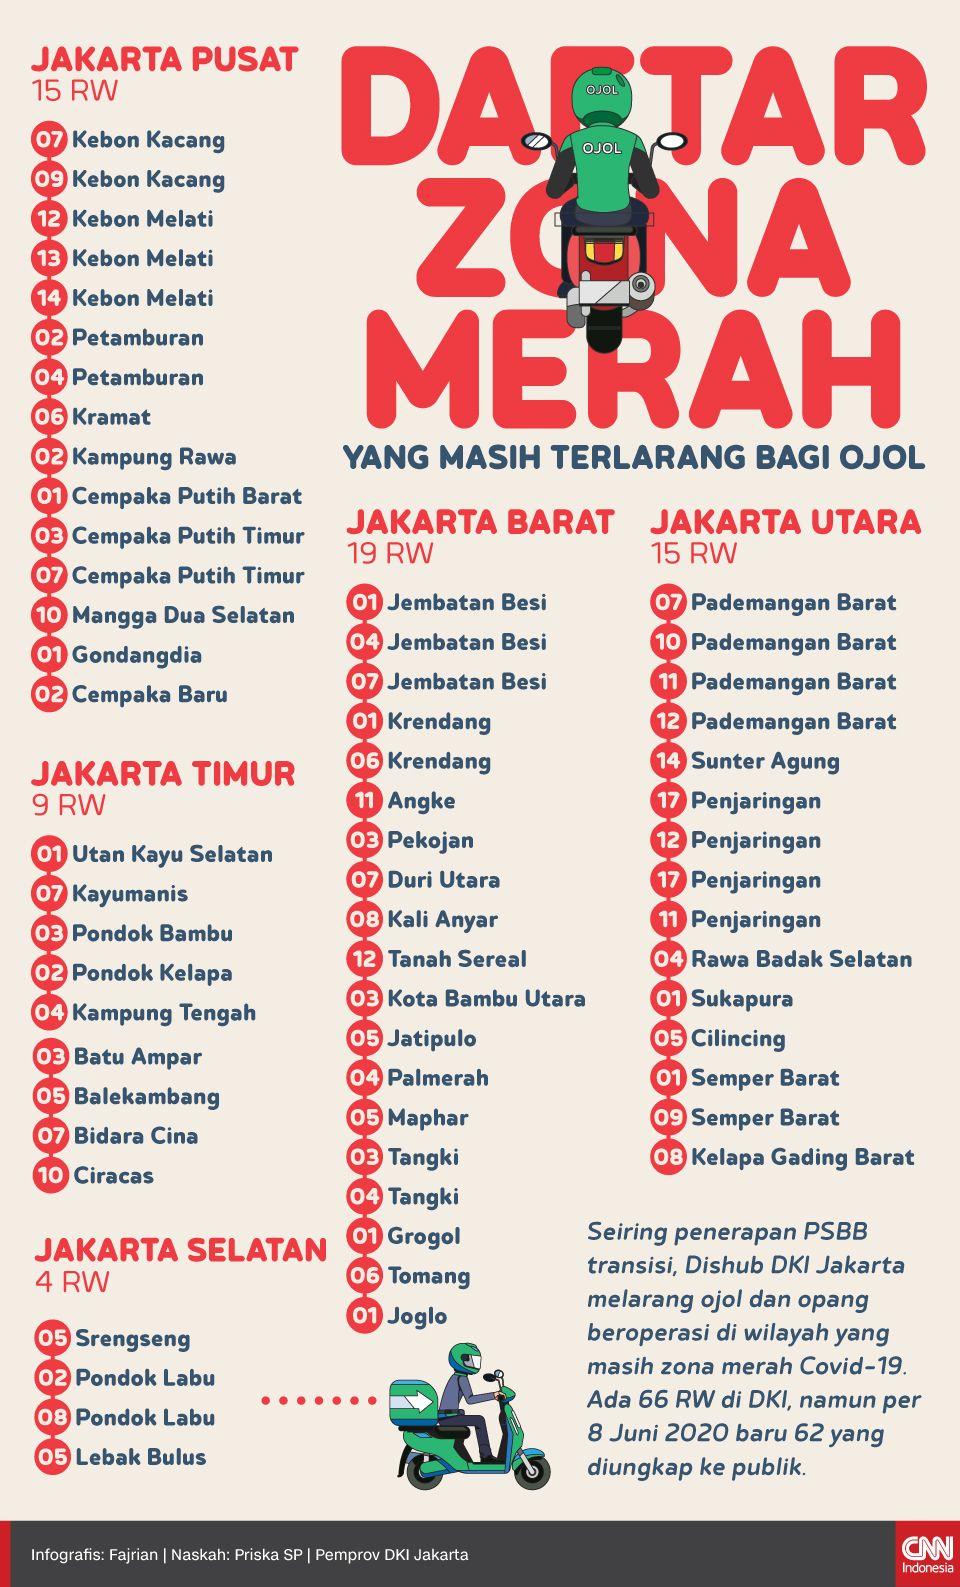 Infografis Daftar Zona Merah yang Masih Terlarang bagi Ojol